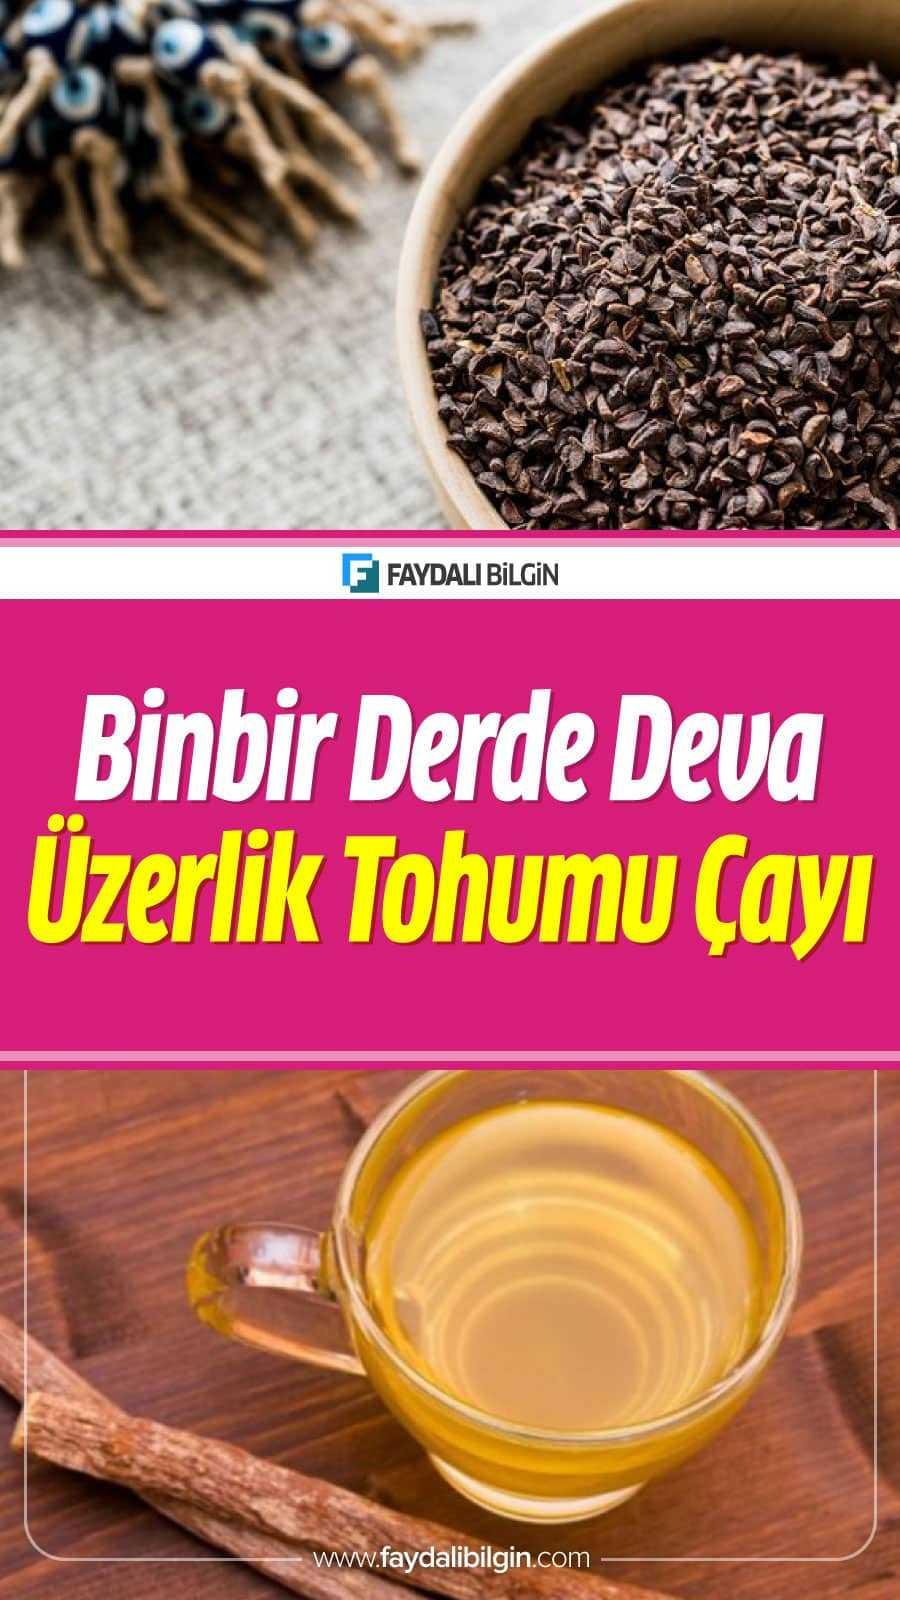 Üzerklik Tohumunun Faydaları, Kullanımı ve Üzerklik Tohumu çayı tarifi. İşte Üzerklik otu hakkında tüm detaylar haberimizde.